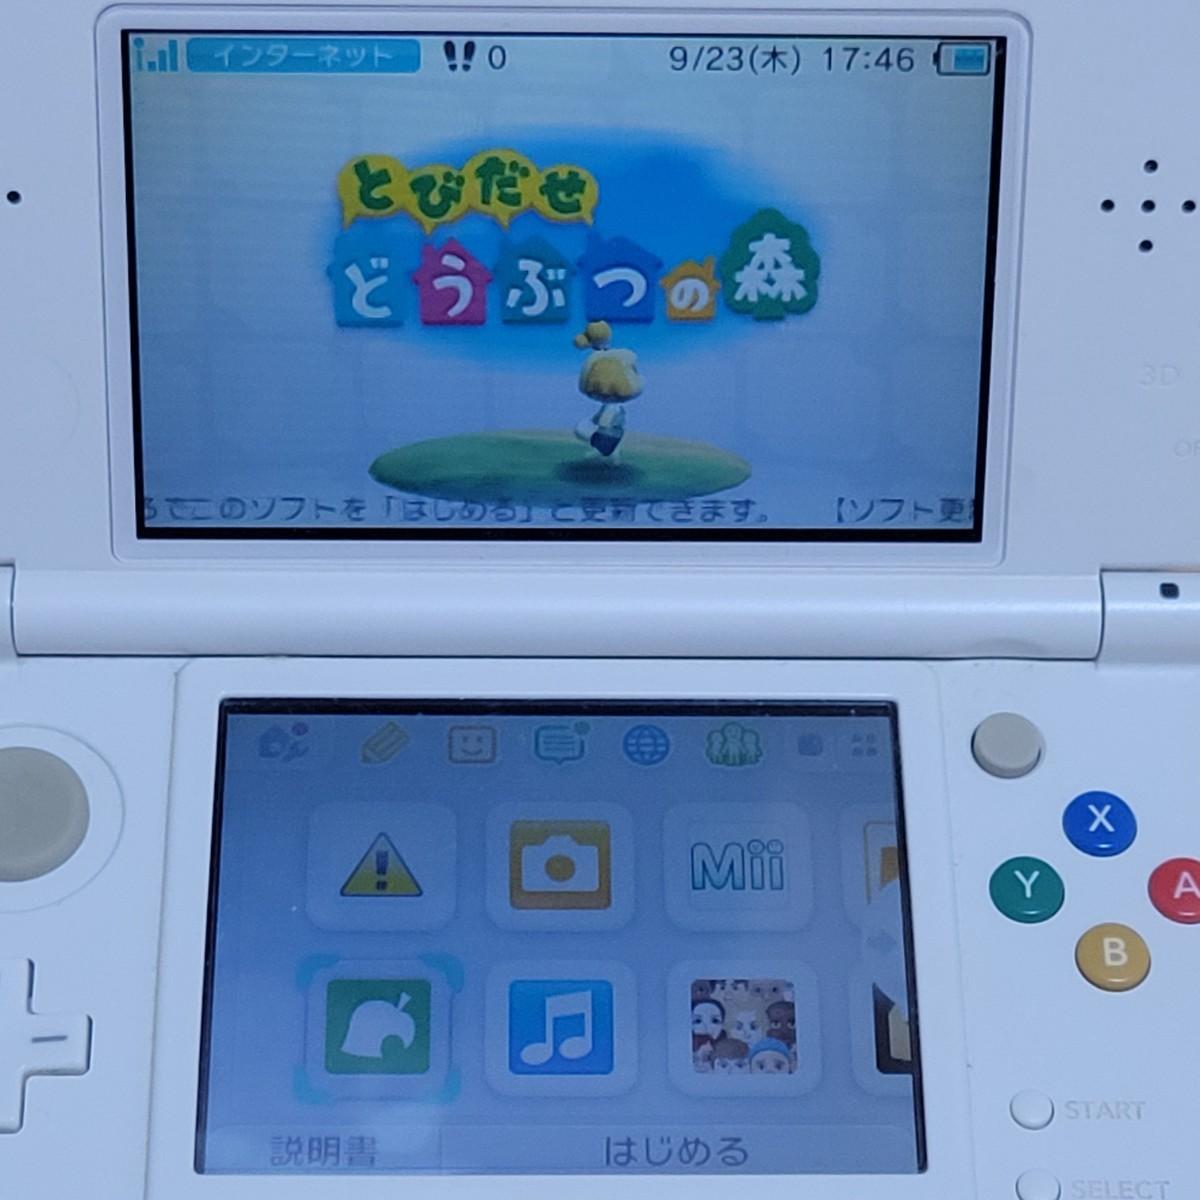 とびだせどうぶつの森  おいでよどうぶつの森  どうぶつの森  3DSソフト  DSソフト